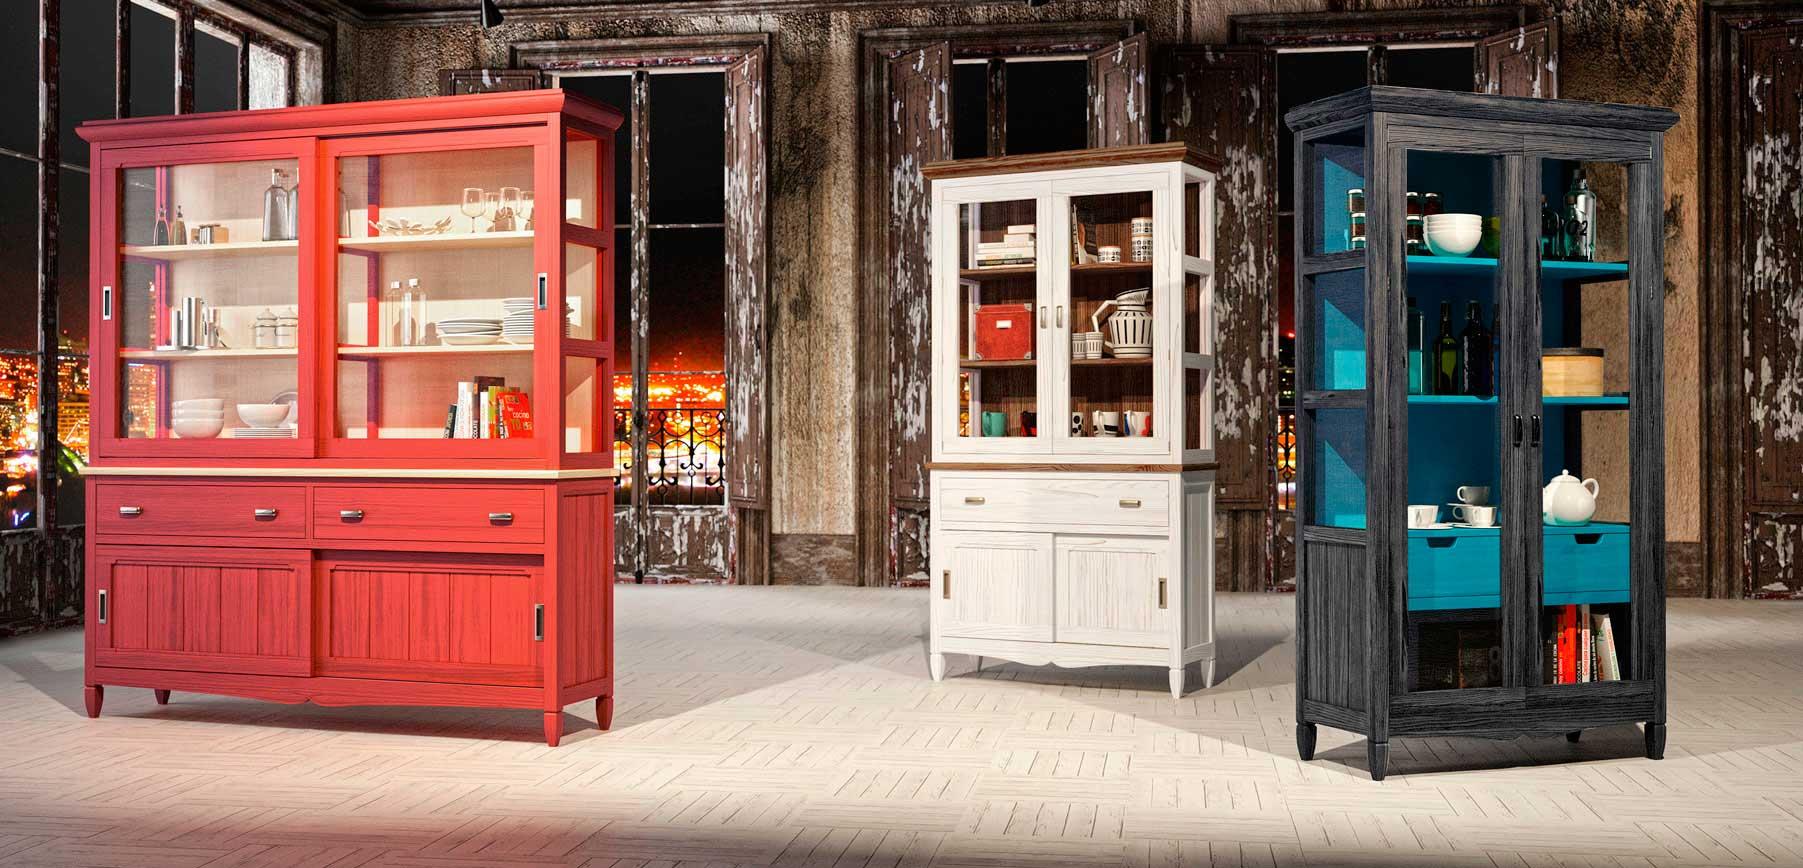 Muebles GRUPOSEYS - Muebles de Comedor, Dormitorios y Juveniles | Furniture | Meubles | мебель seys-1-optim-1 Inicio